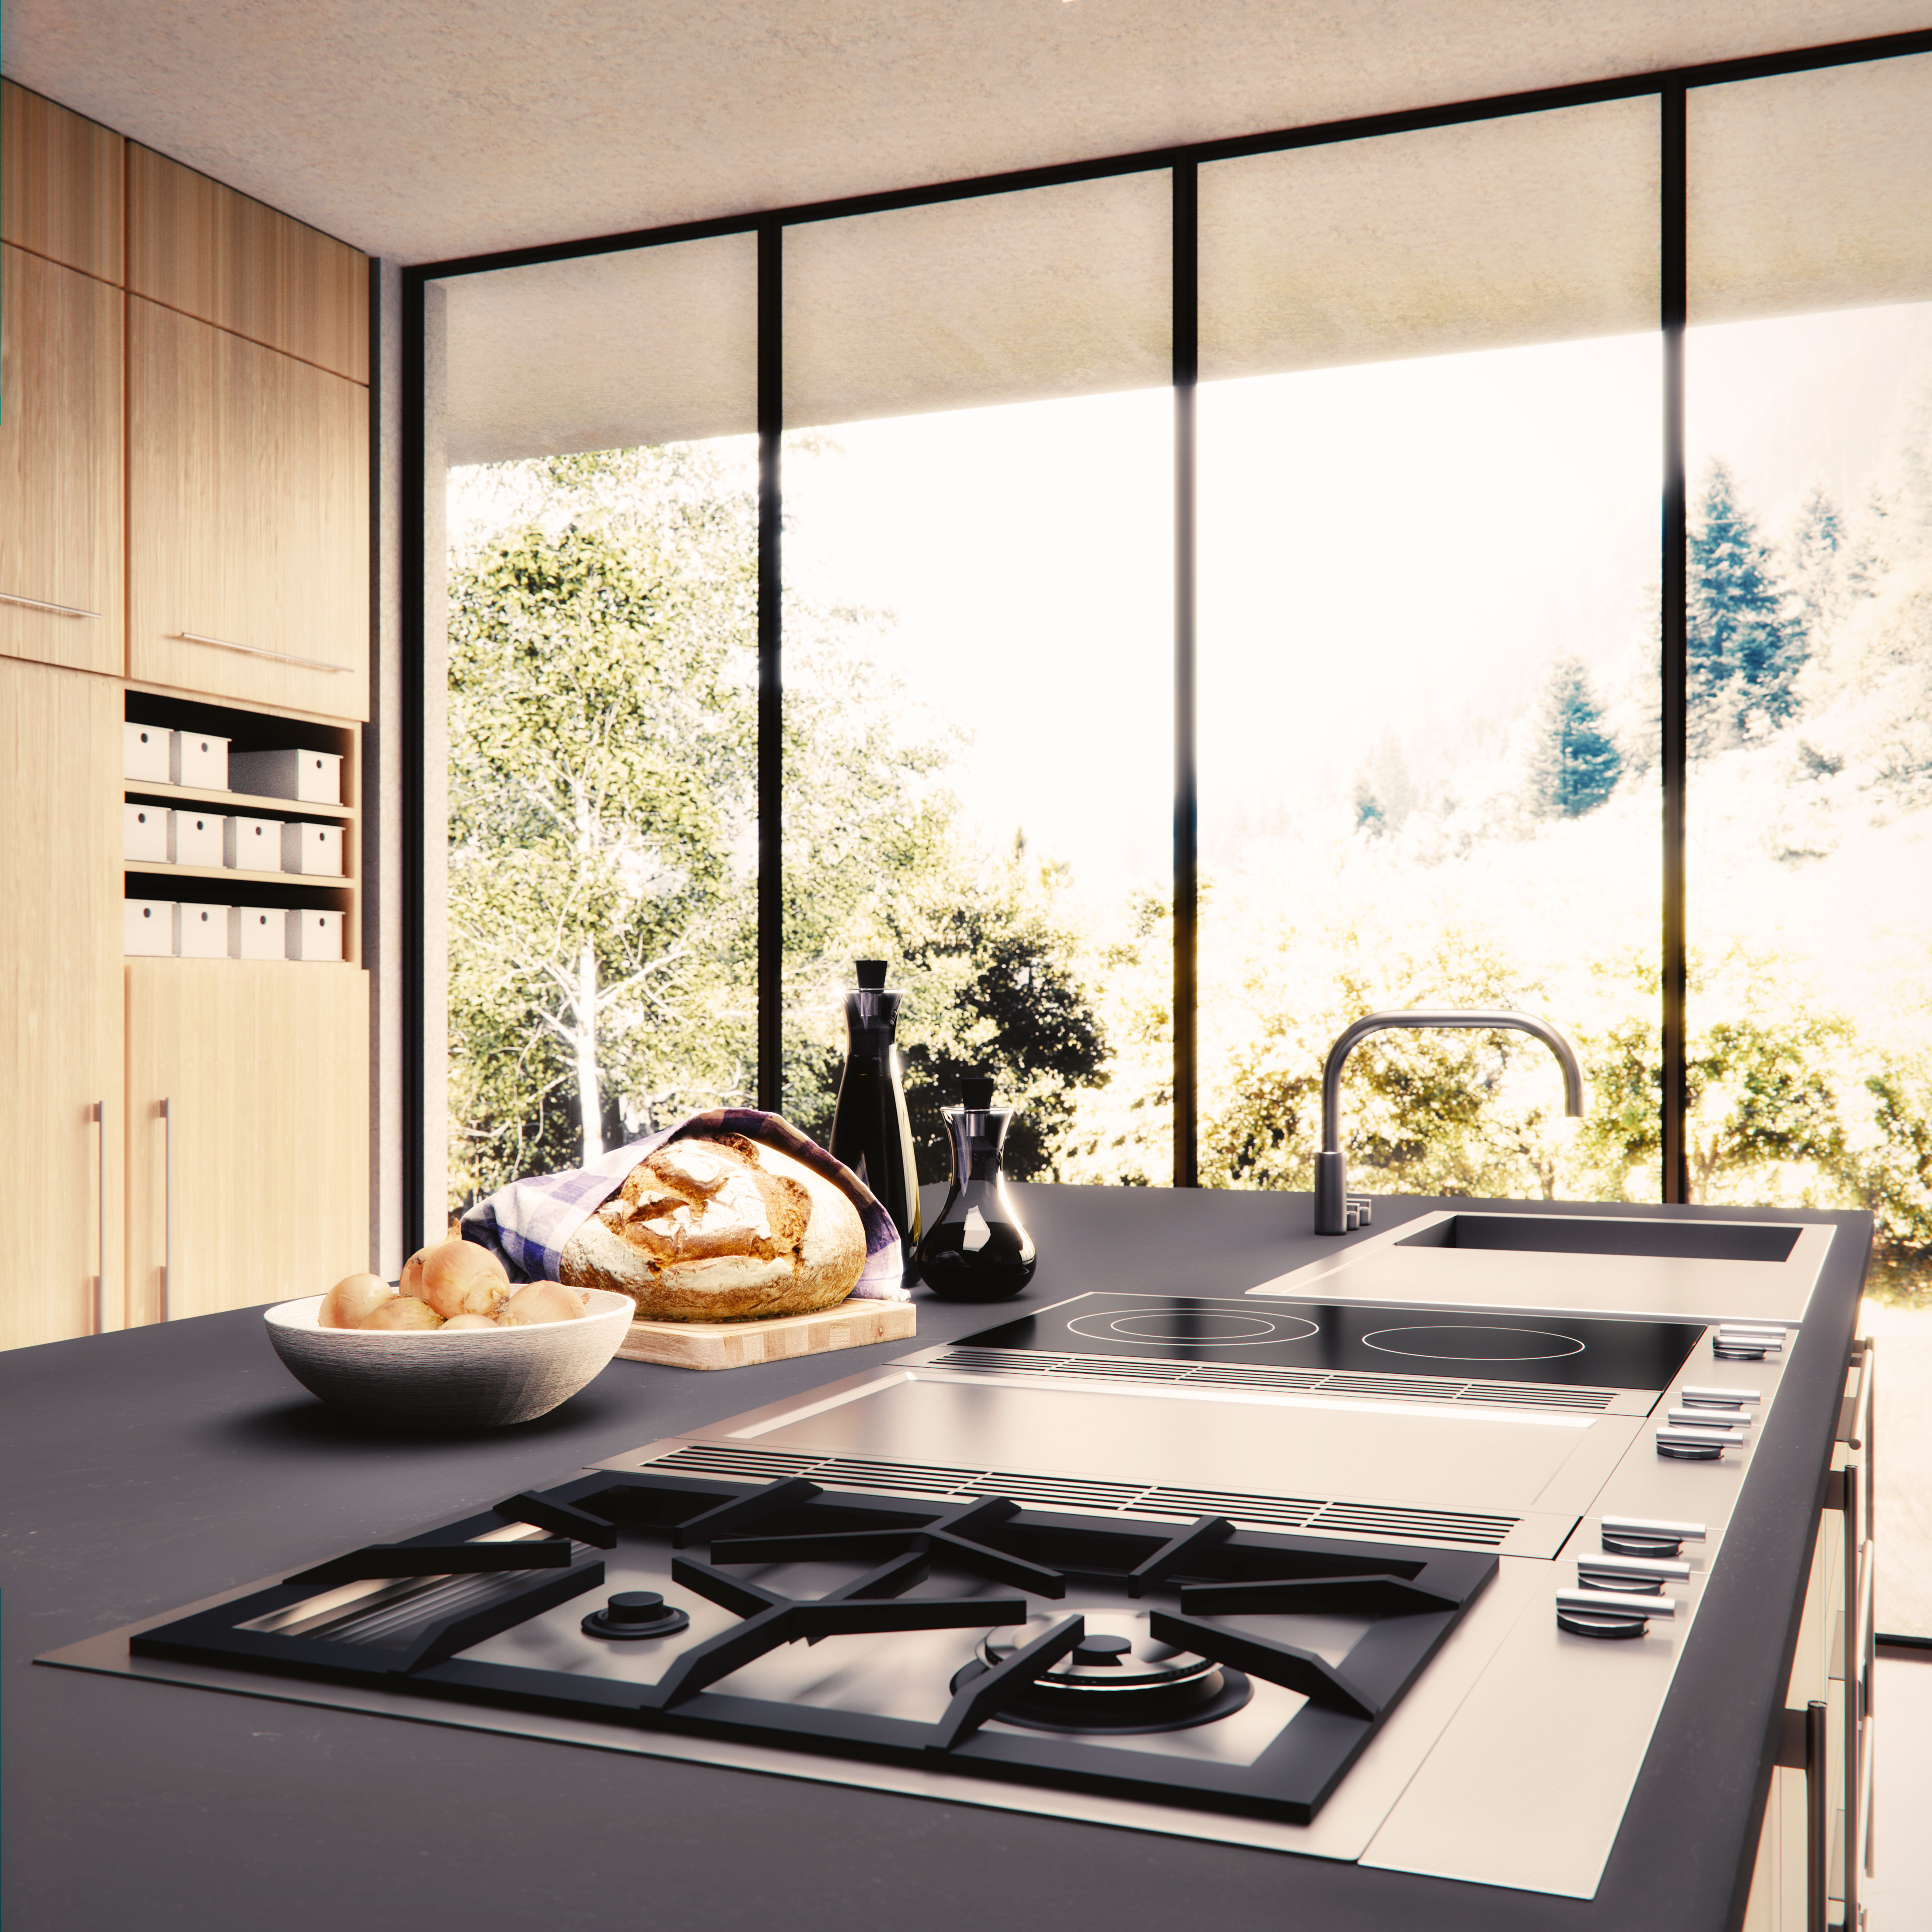 3D-Render Küche mit Gasherd